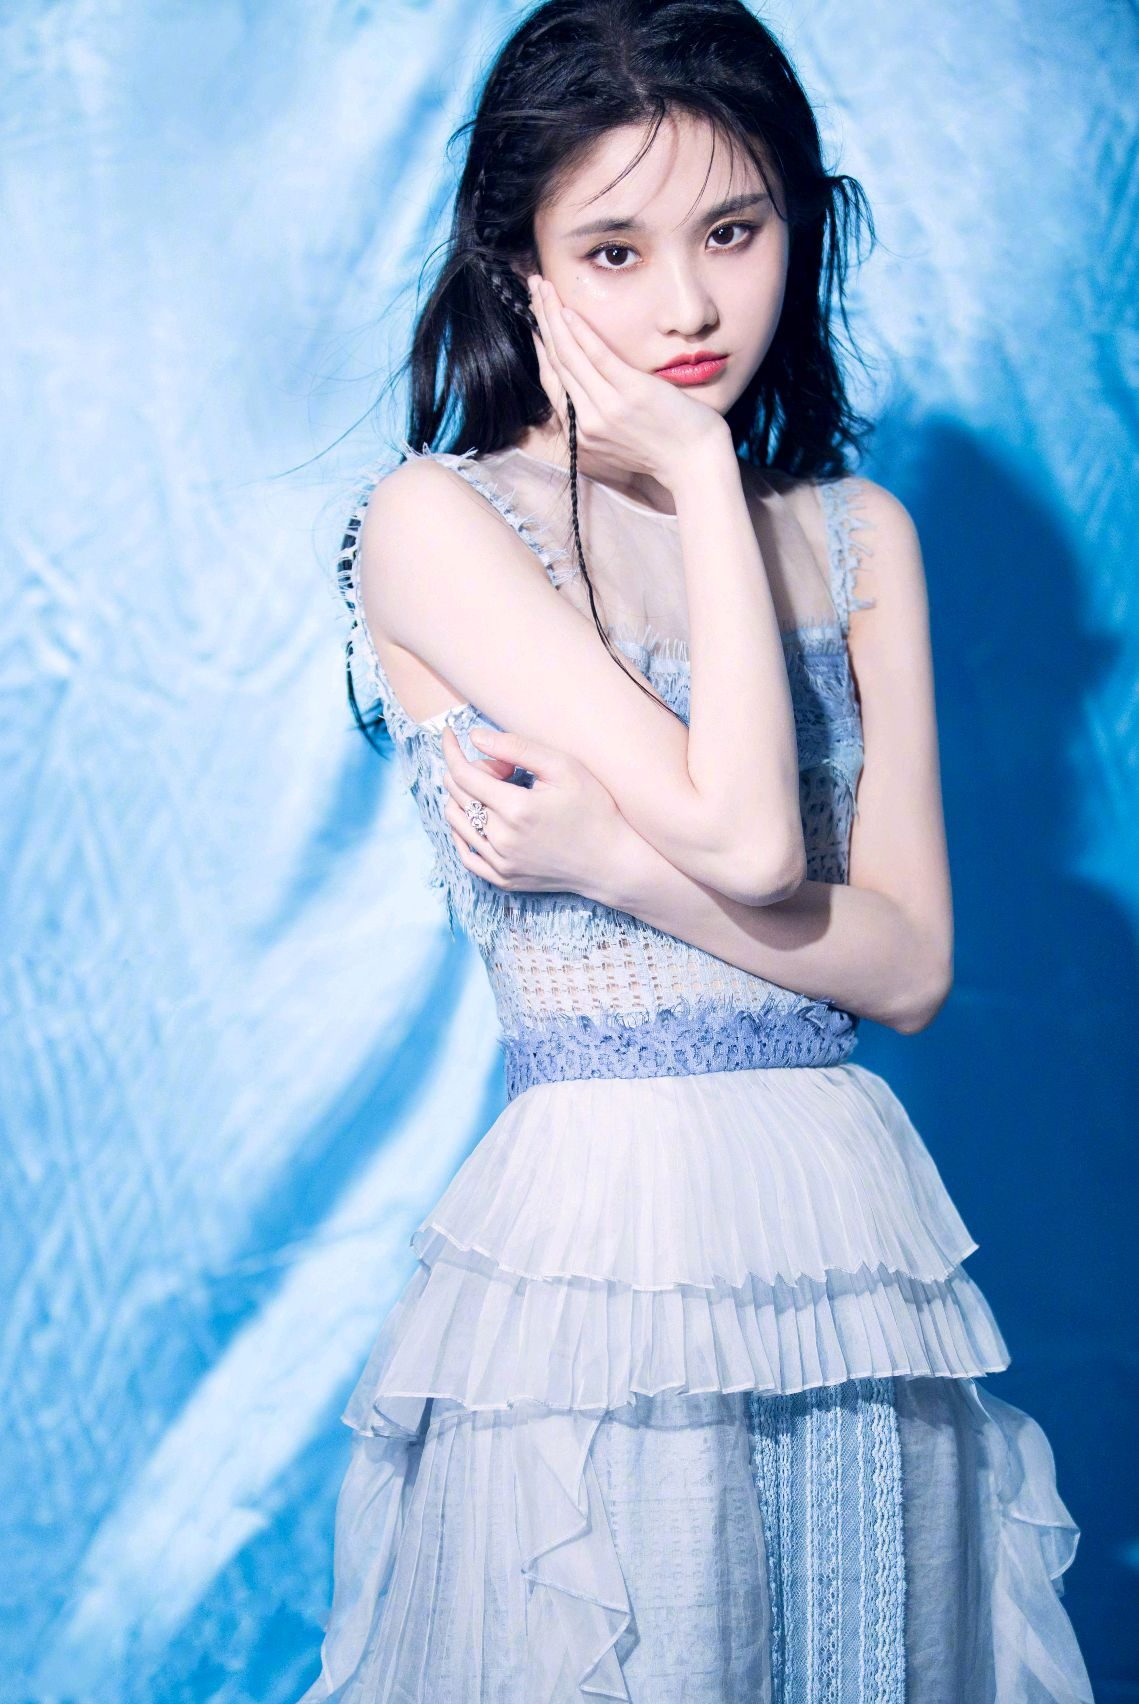 张慧雯:蓝色仙女系,静态比动态更美的女人